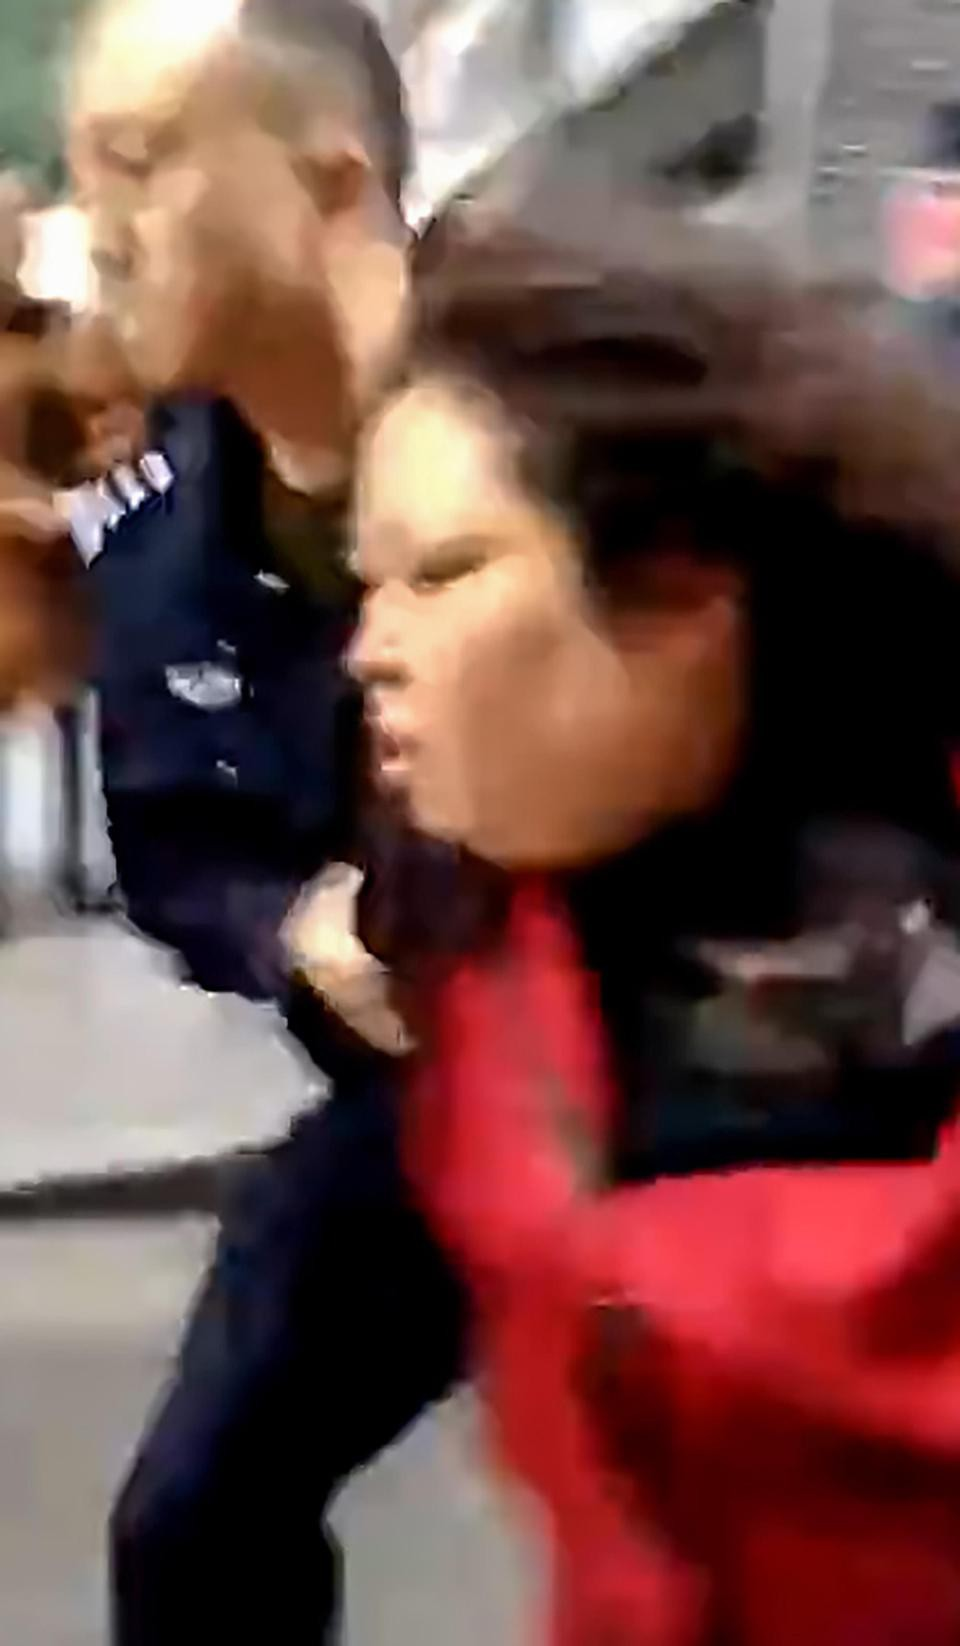 Trung Quốc: Người phụ nữ loạn trí cầm dao chặt thịt tấn công trường mẫu giáo, ít nhất 14 học sinh bị thương-7